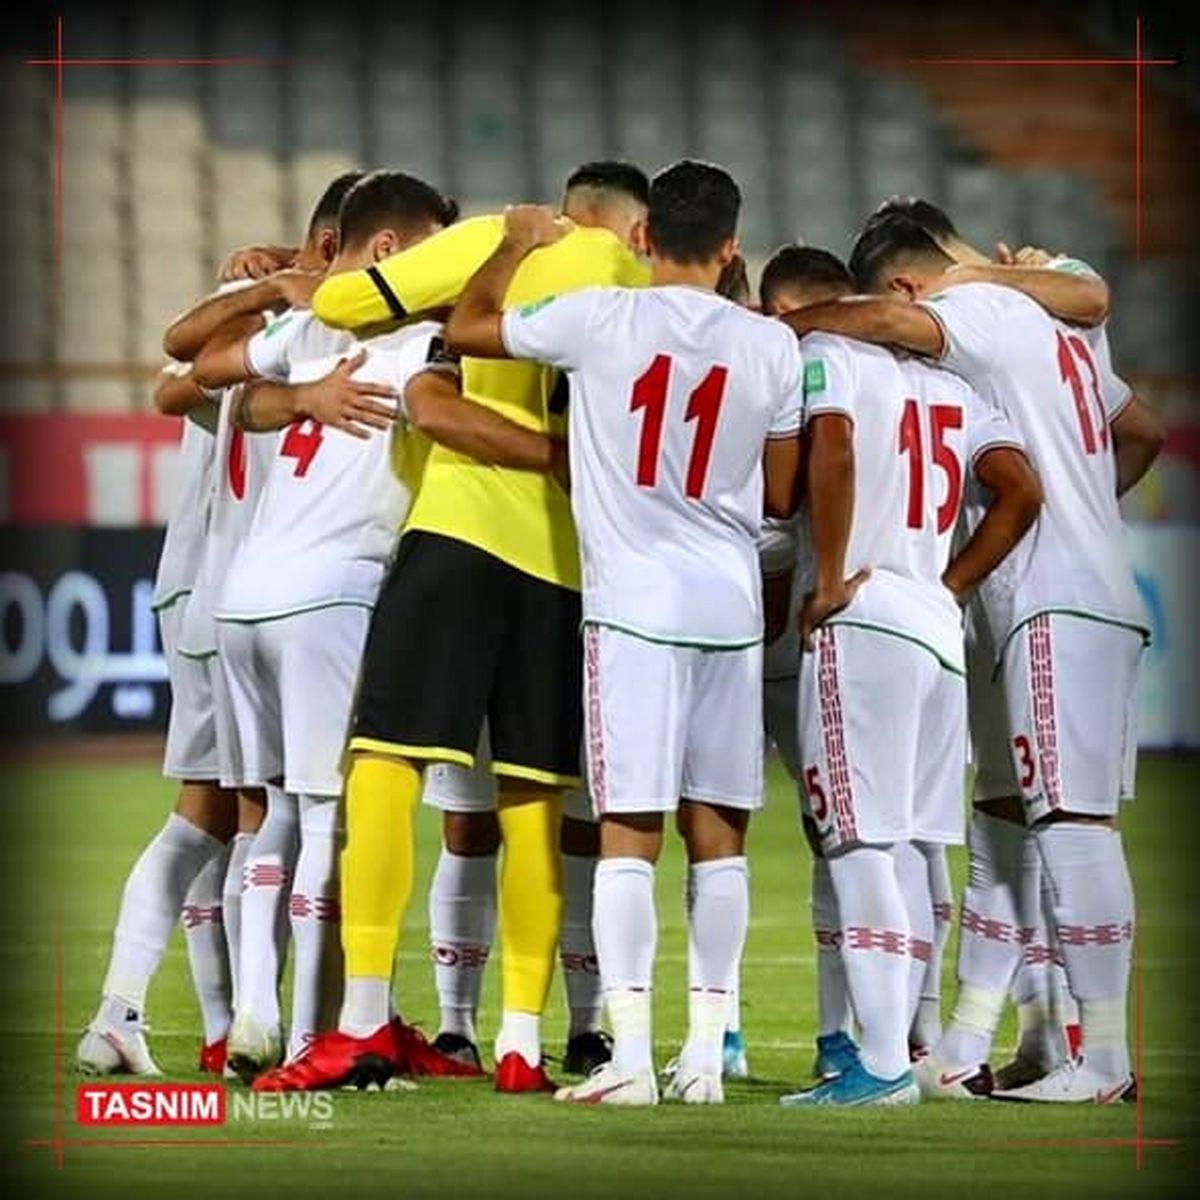 گل اول تیمملی ایران به کره جنوبی/ایران ۱ - ۱ کره جنوبی